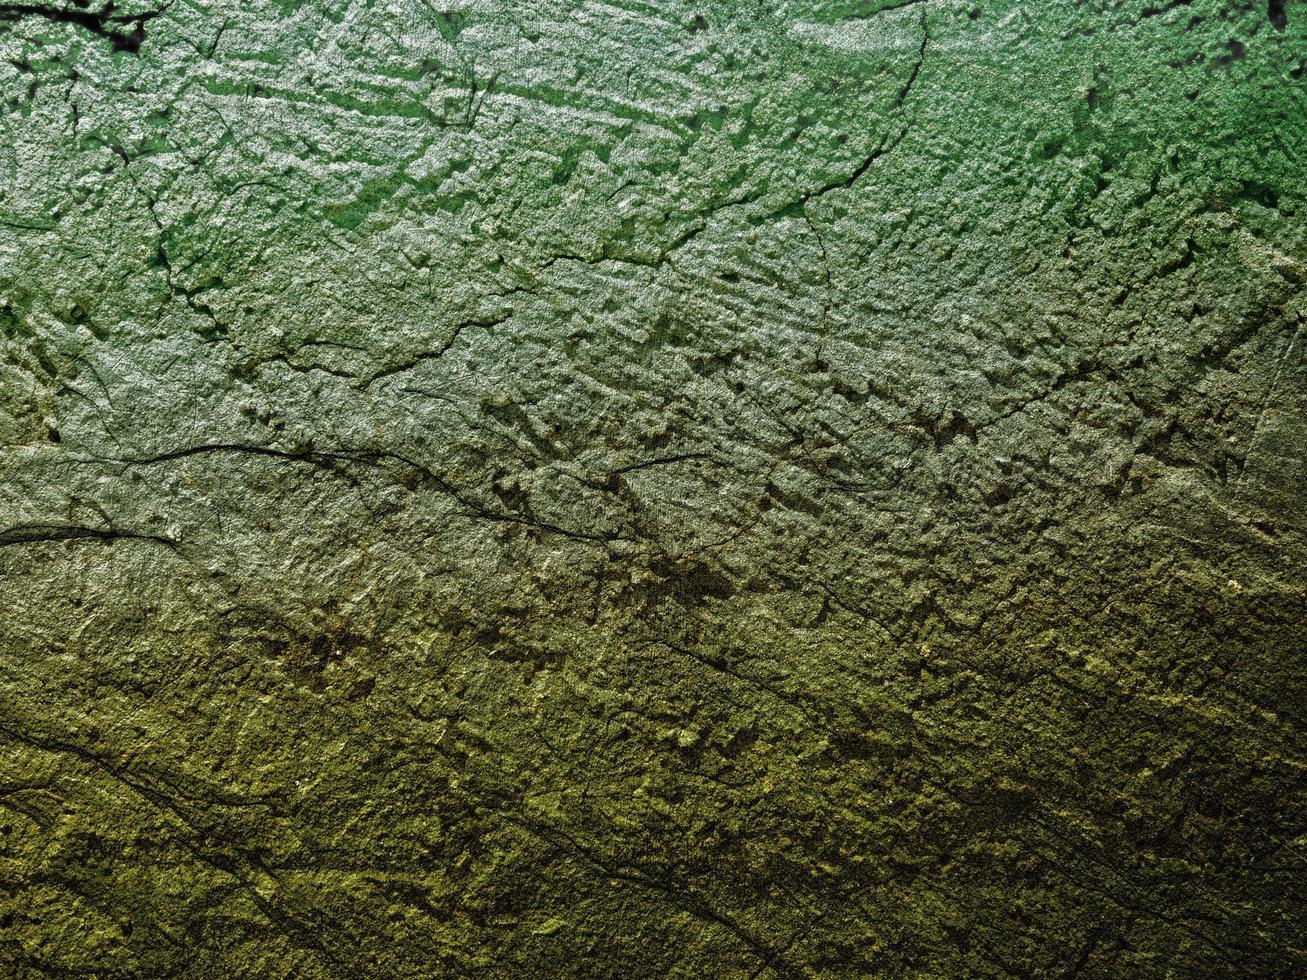 marmeren textuur buiten in de tuin foto